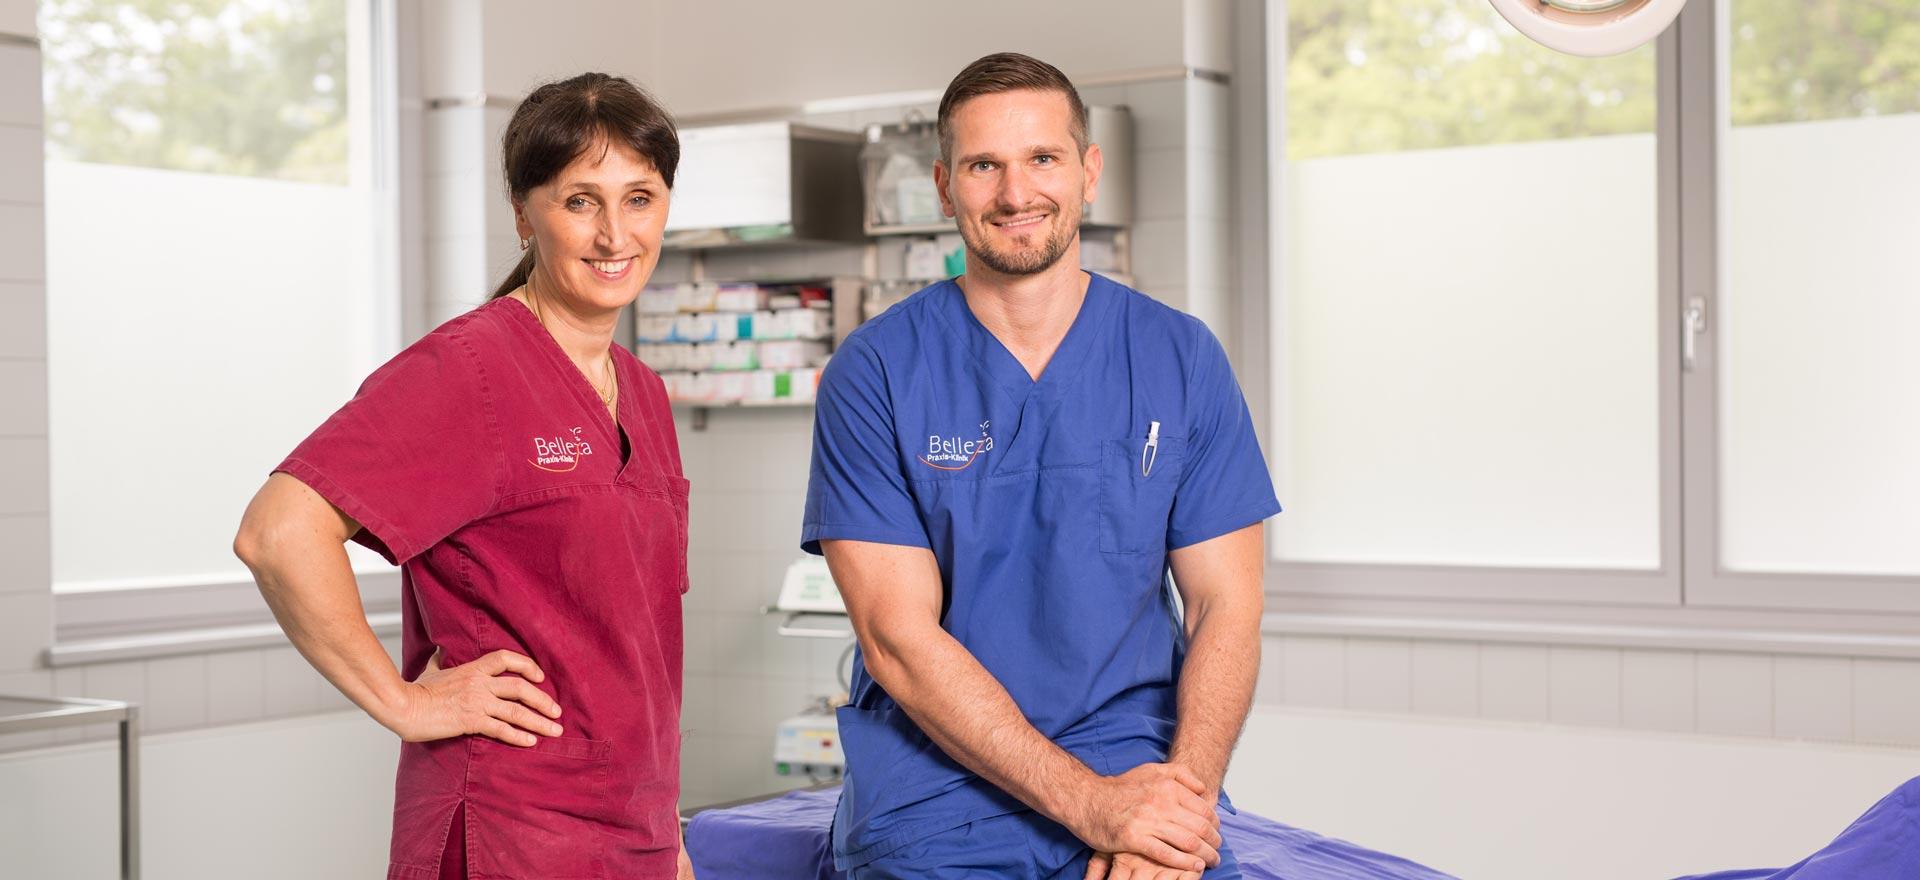 Dr. Dr. Irina Brzenska M.Sc. und Tobias Dieke lächeln in die Kamera.